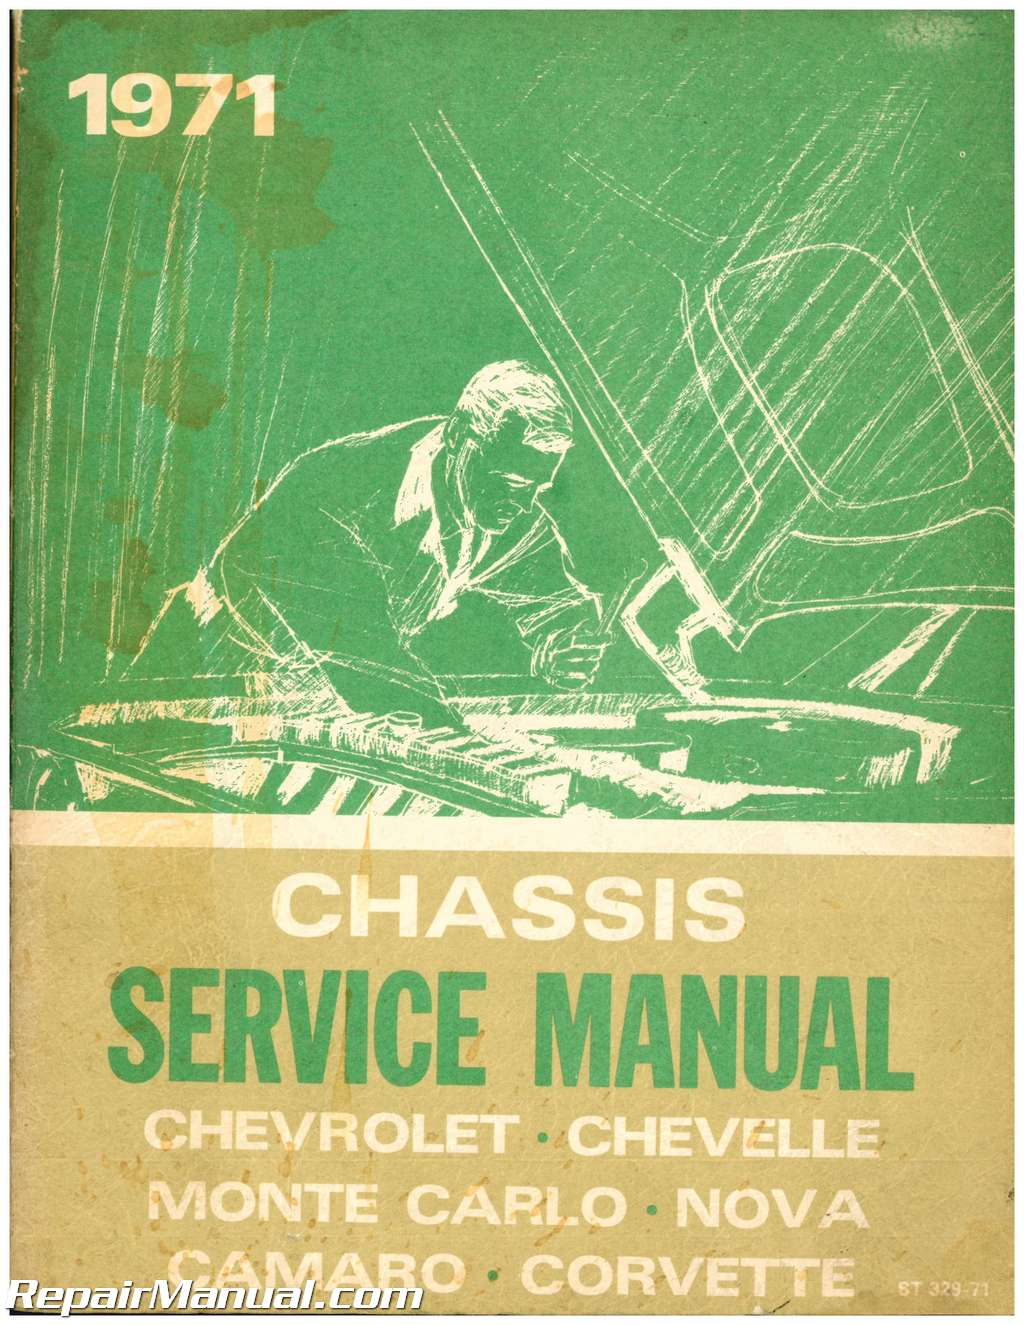 Used 1971 Chevrolet Chevelle Camaro Monte Carlo Nova And Corvette Chassis Service  Manual